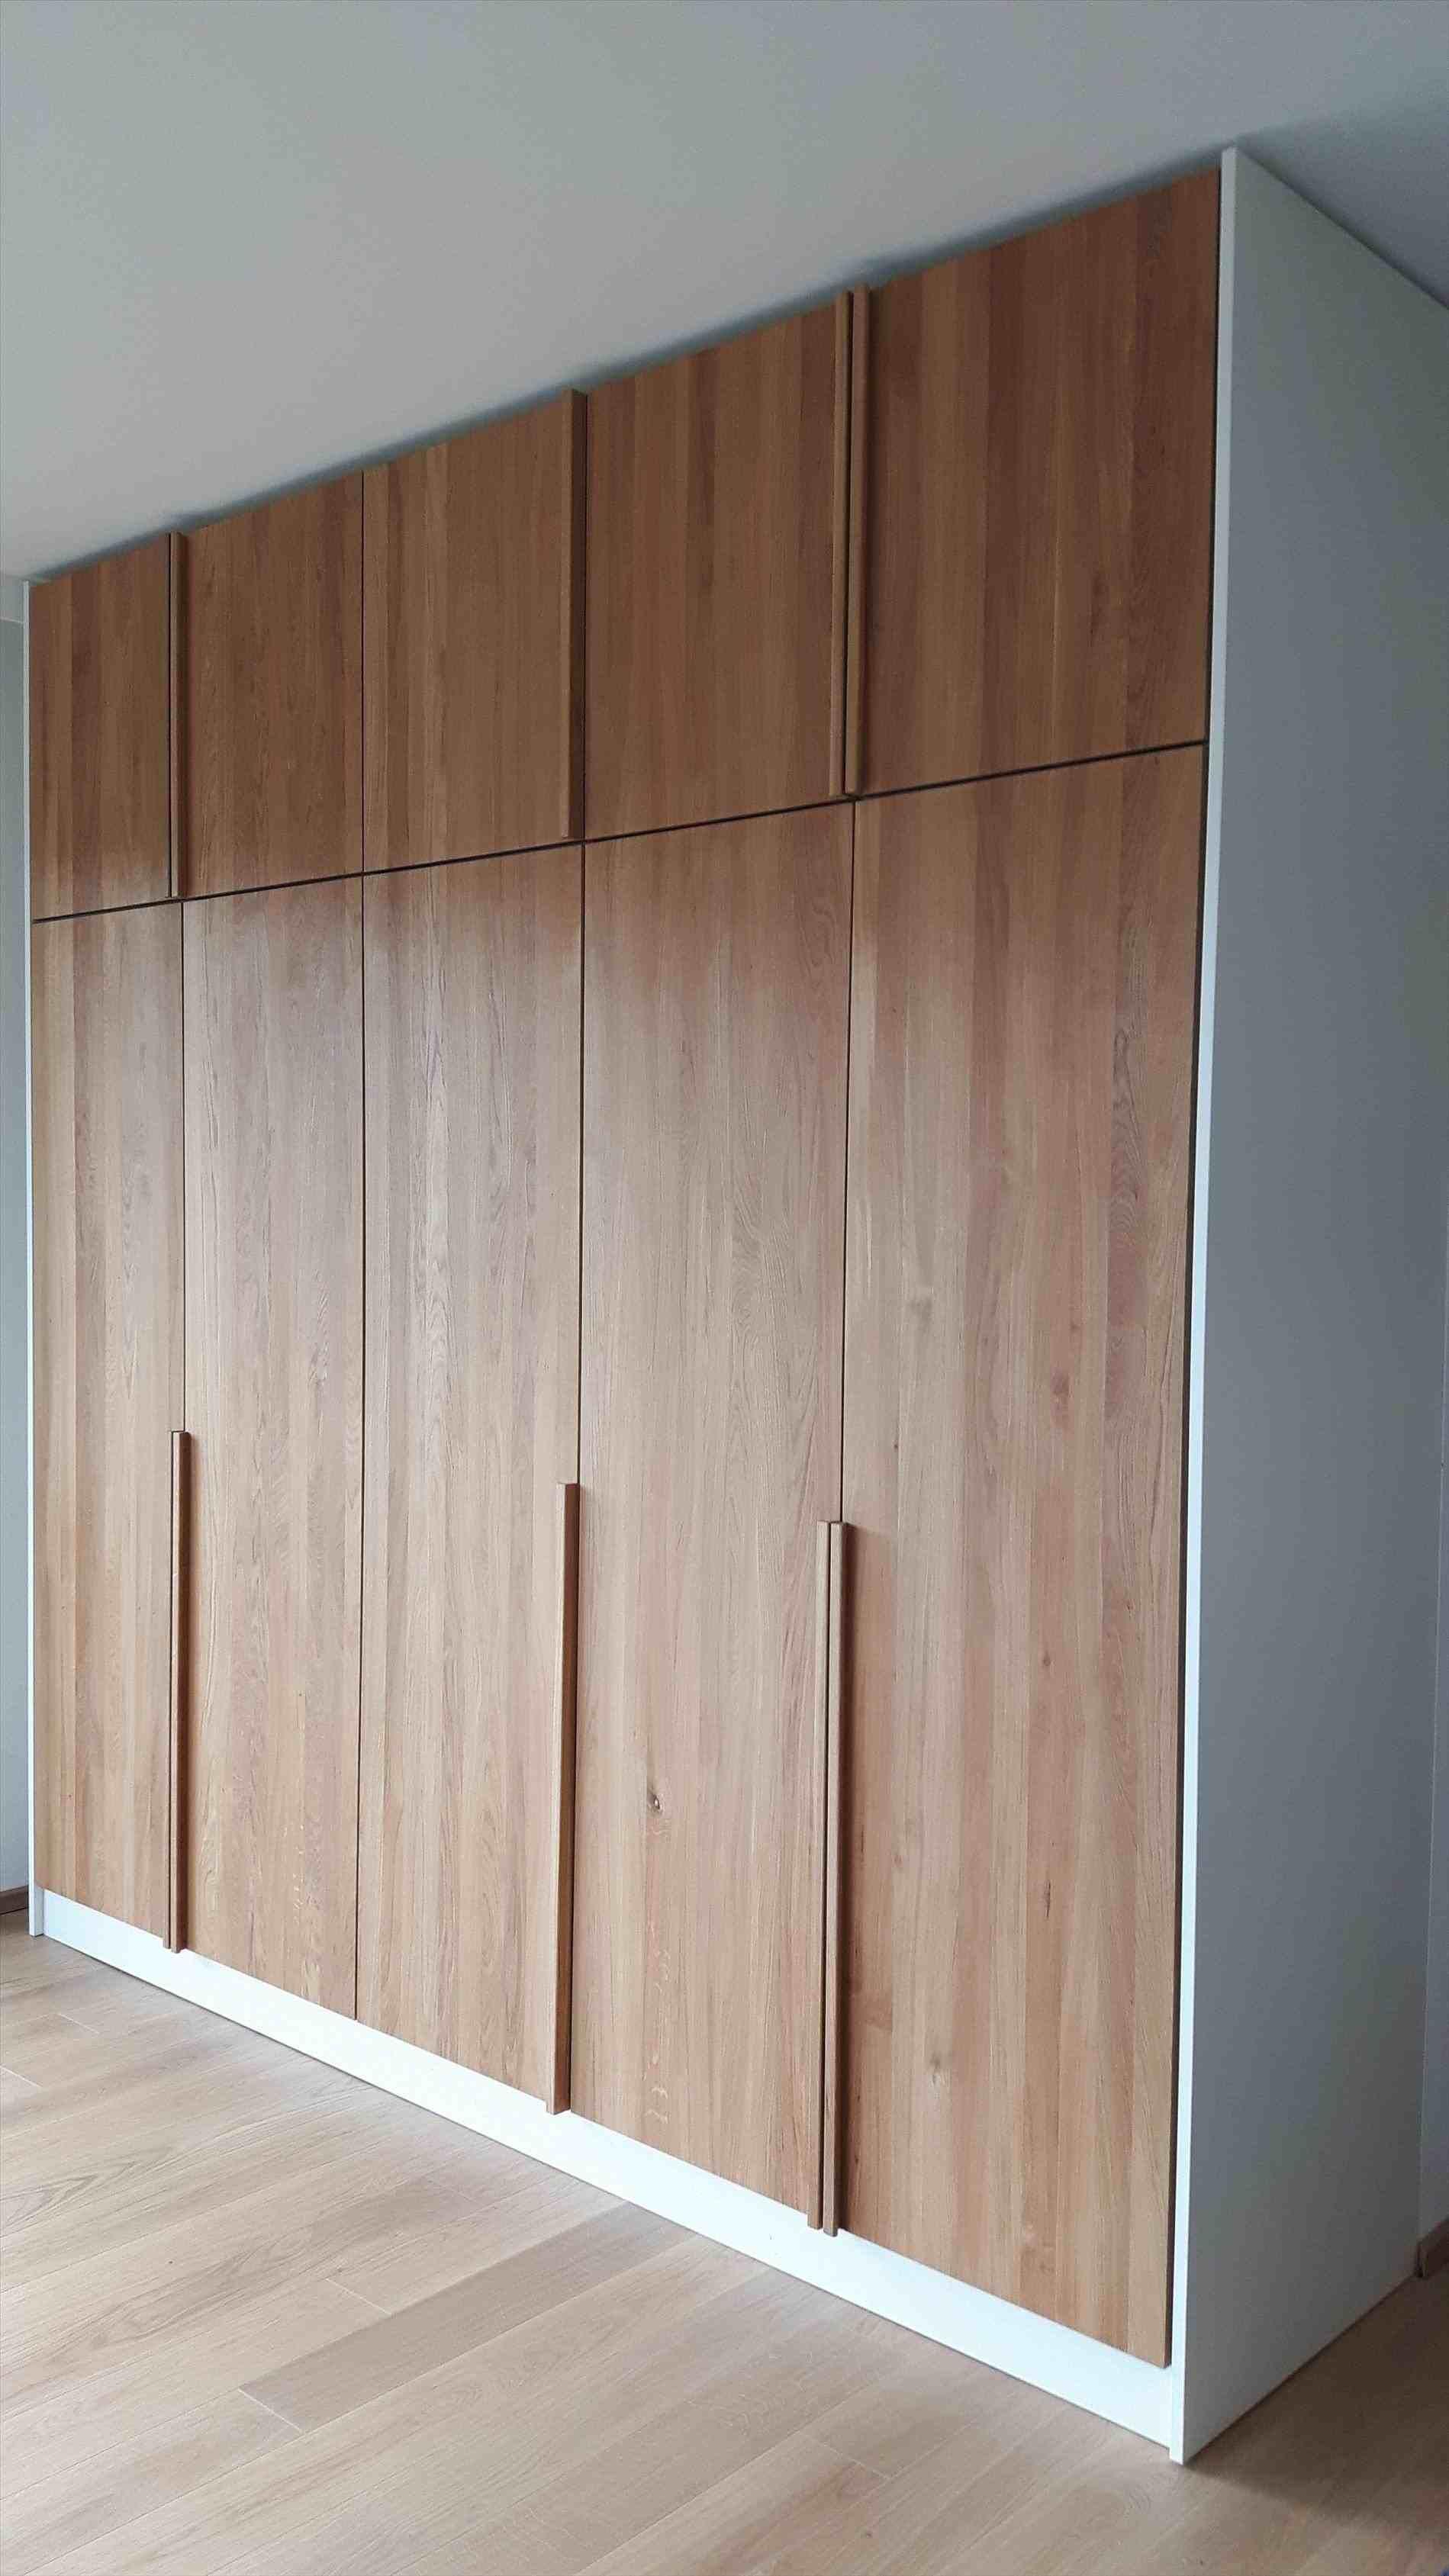 New Post master bedroom wardrobe interior designs visit